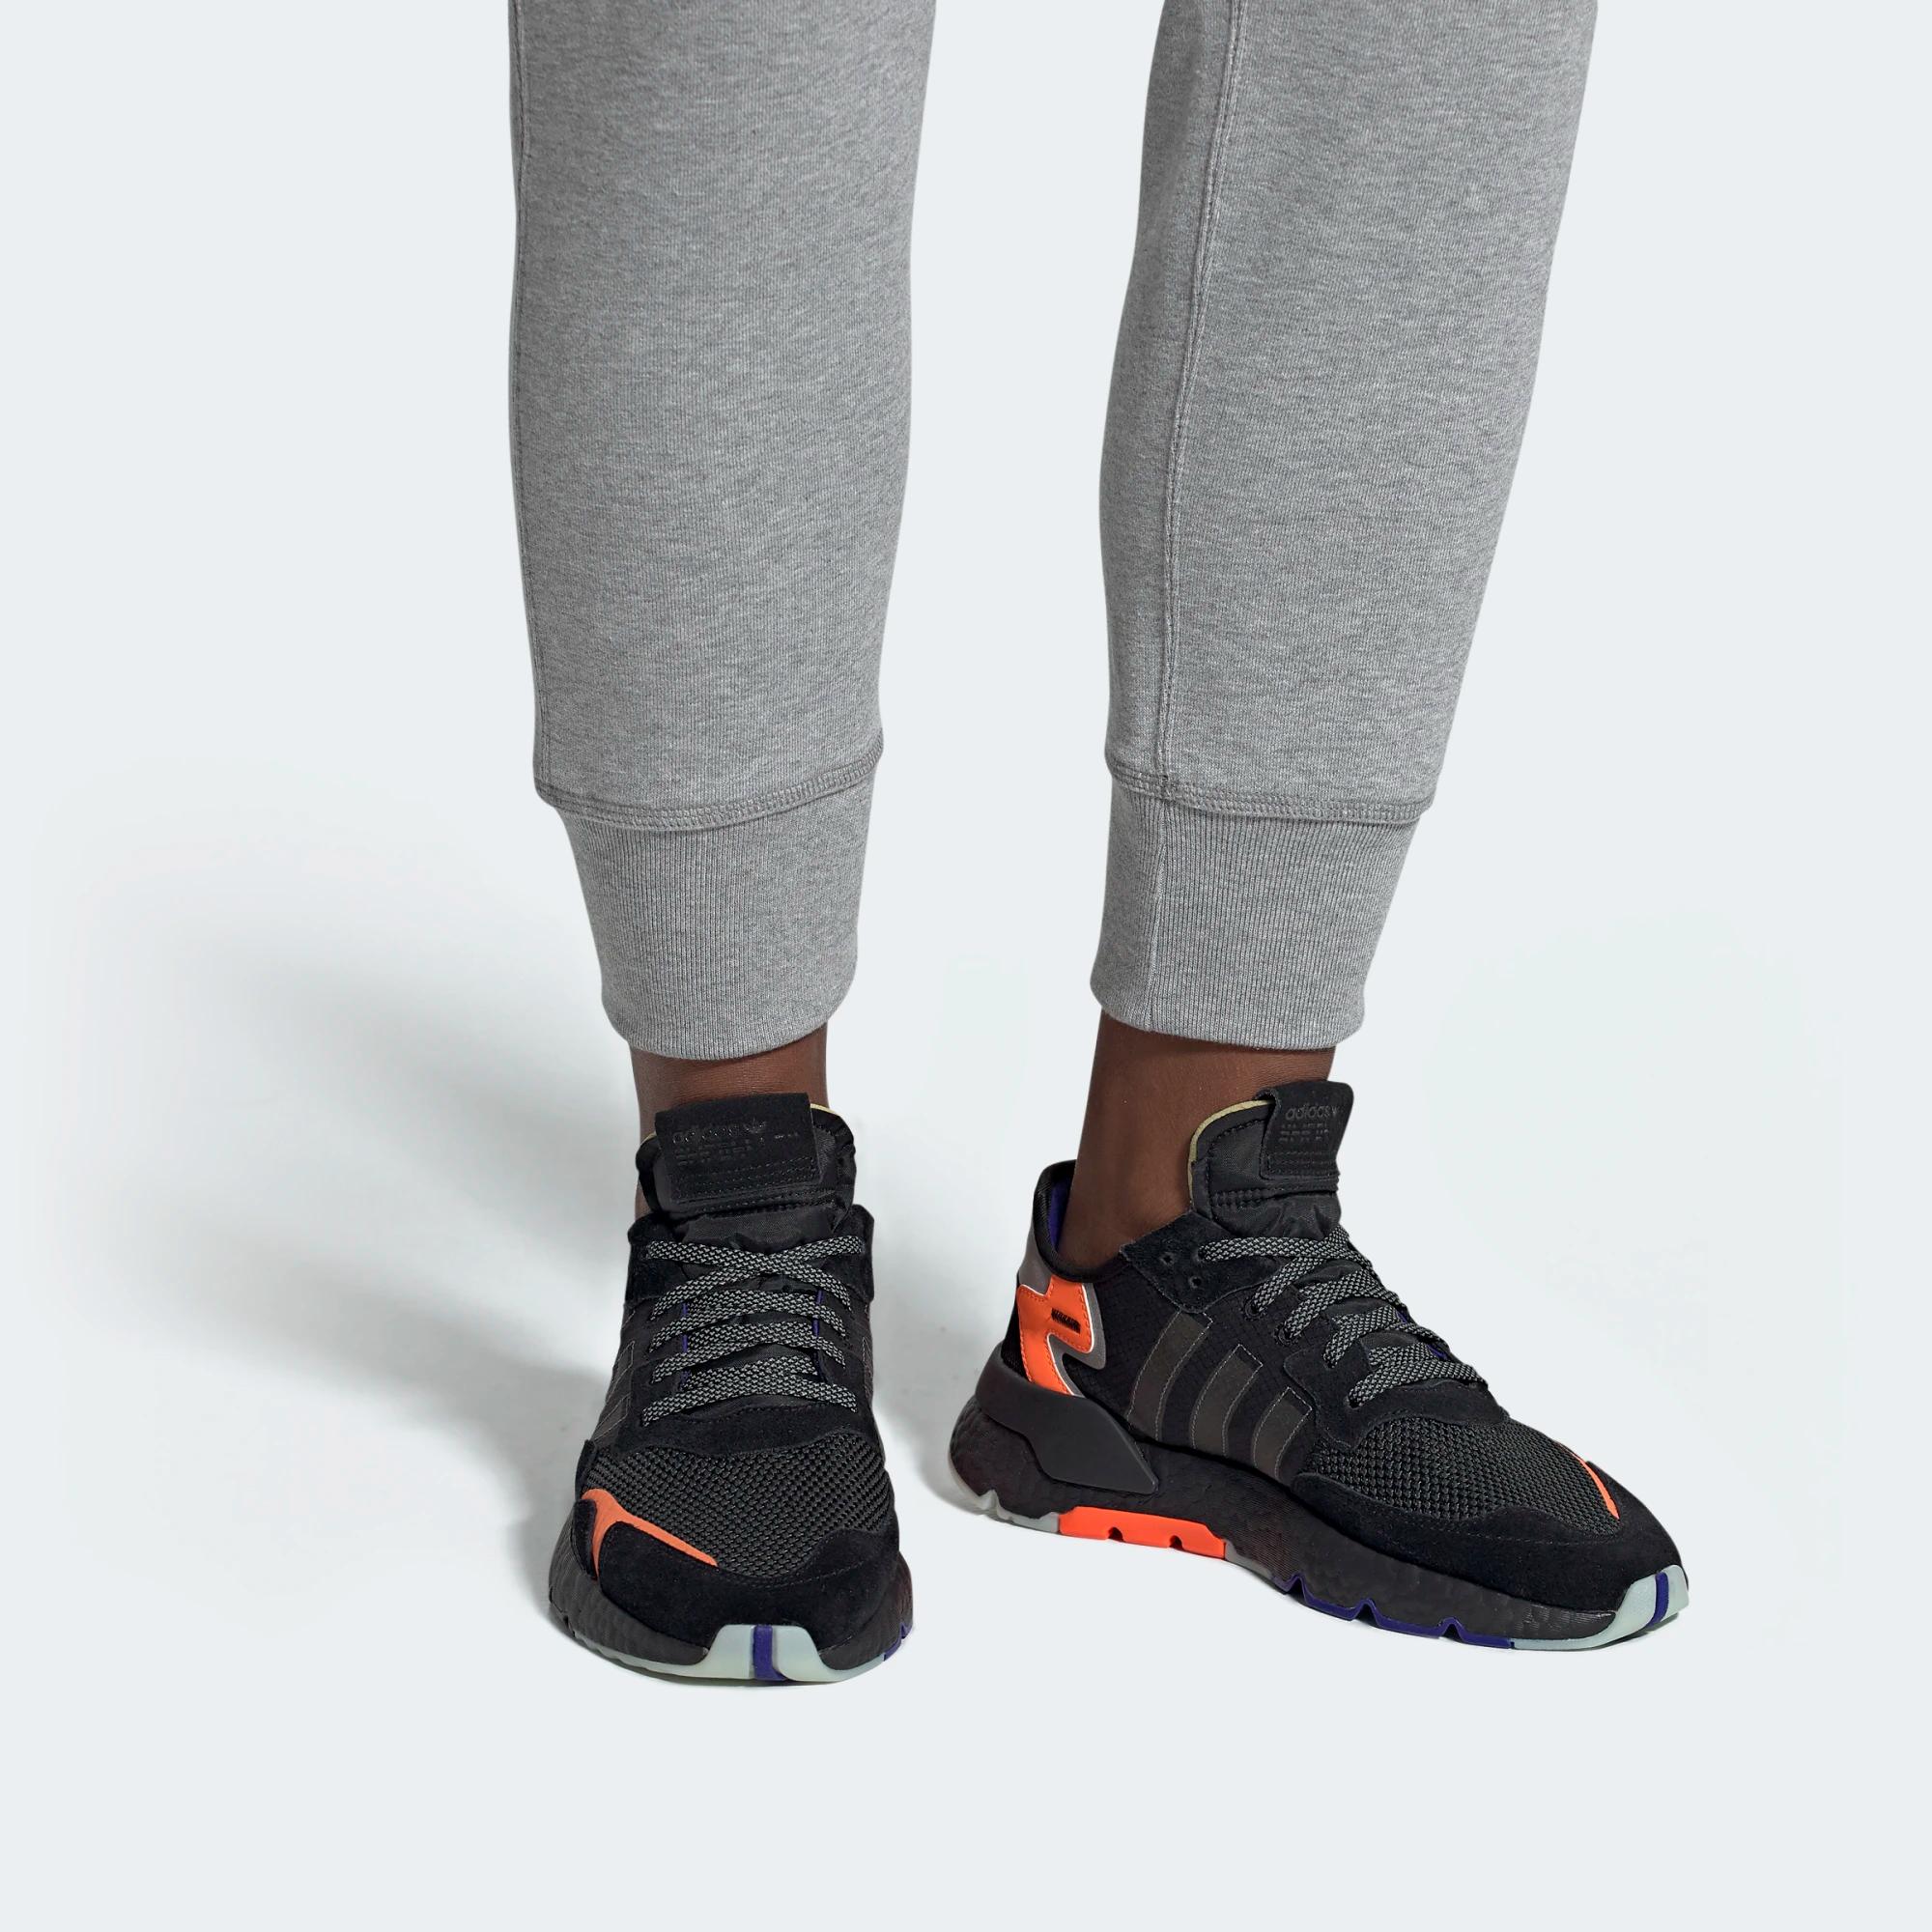 CG7088 adidas Nite Jogger Boost 1